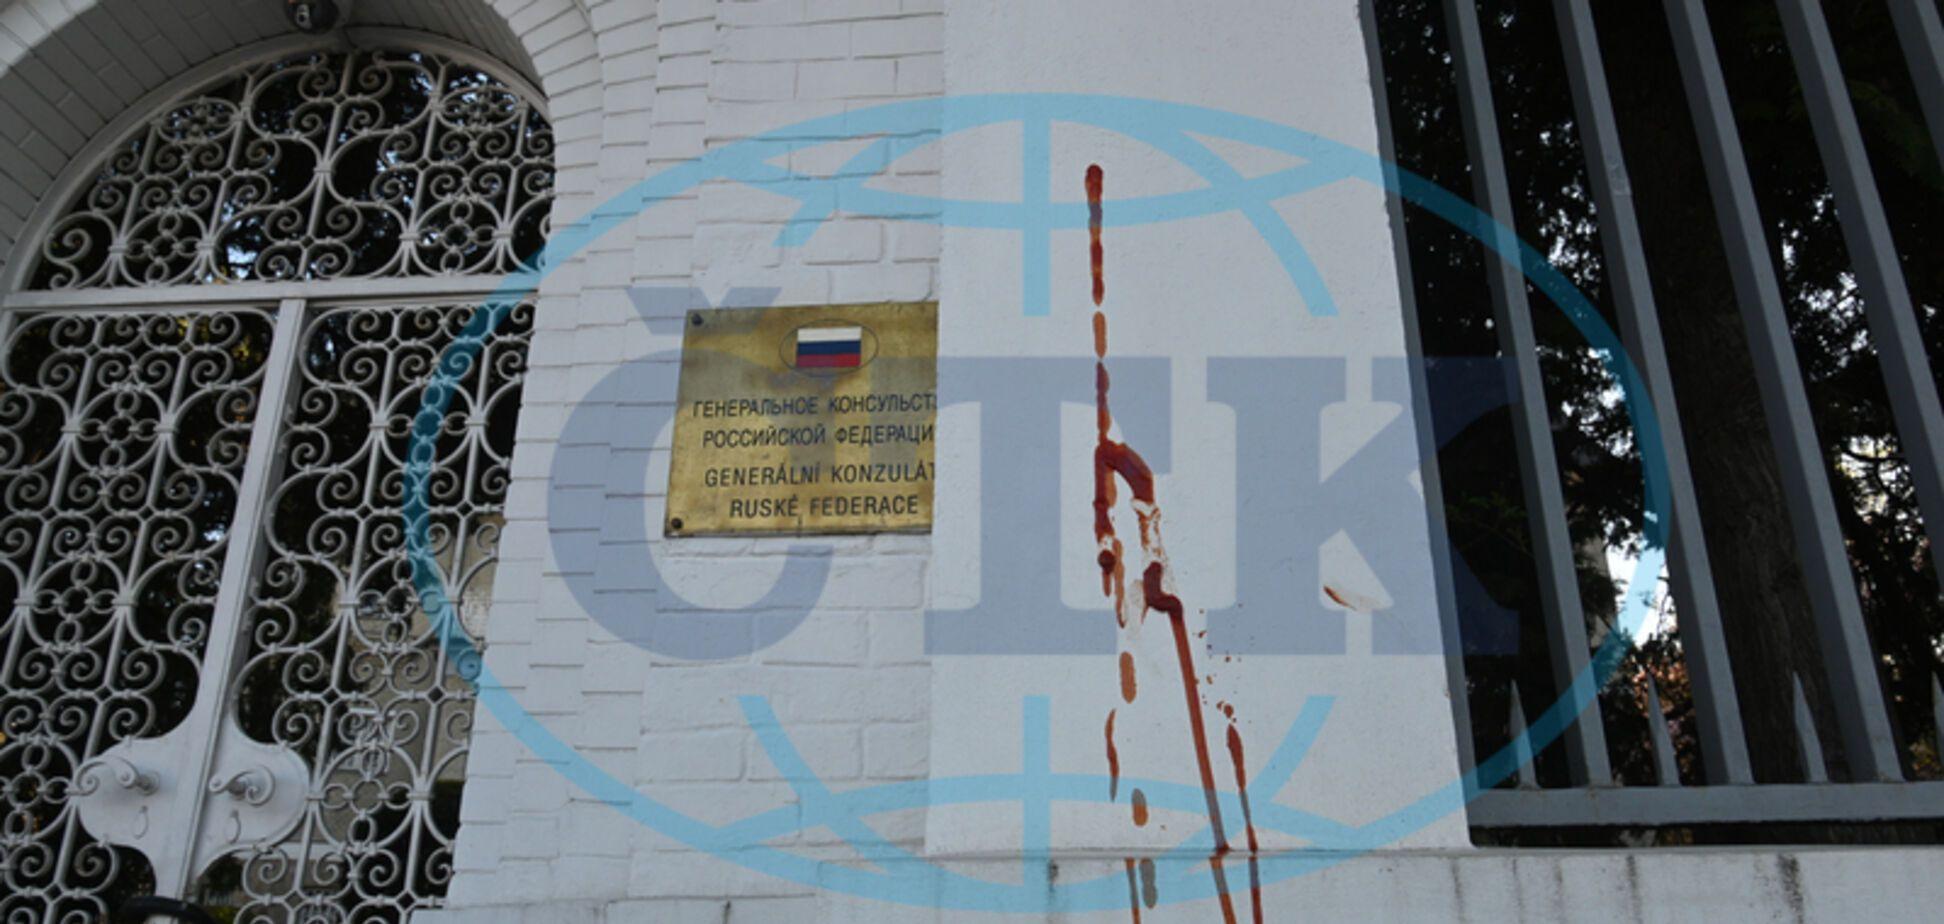 Консульство РФ в чешском Брно облили кетчупом. Фото